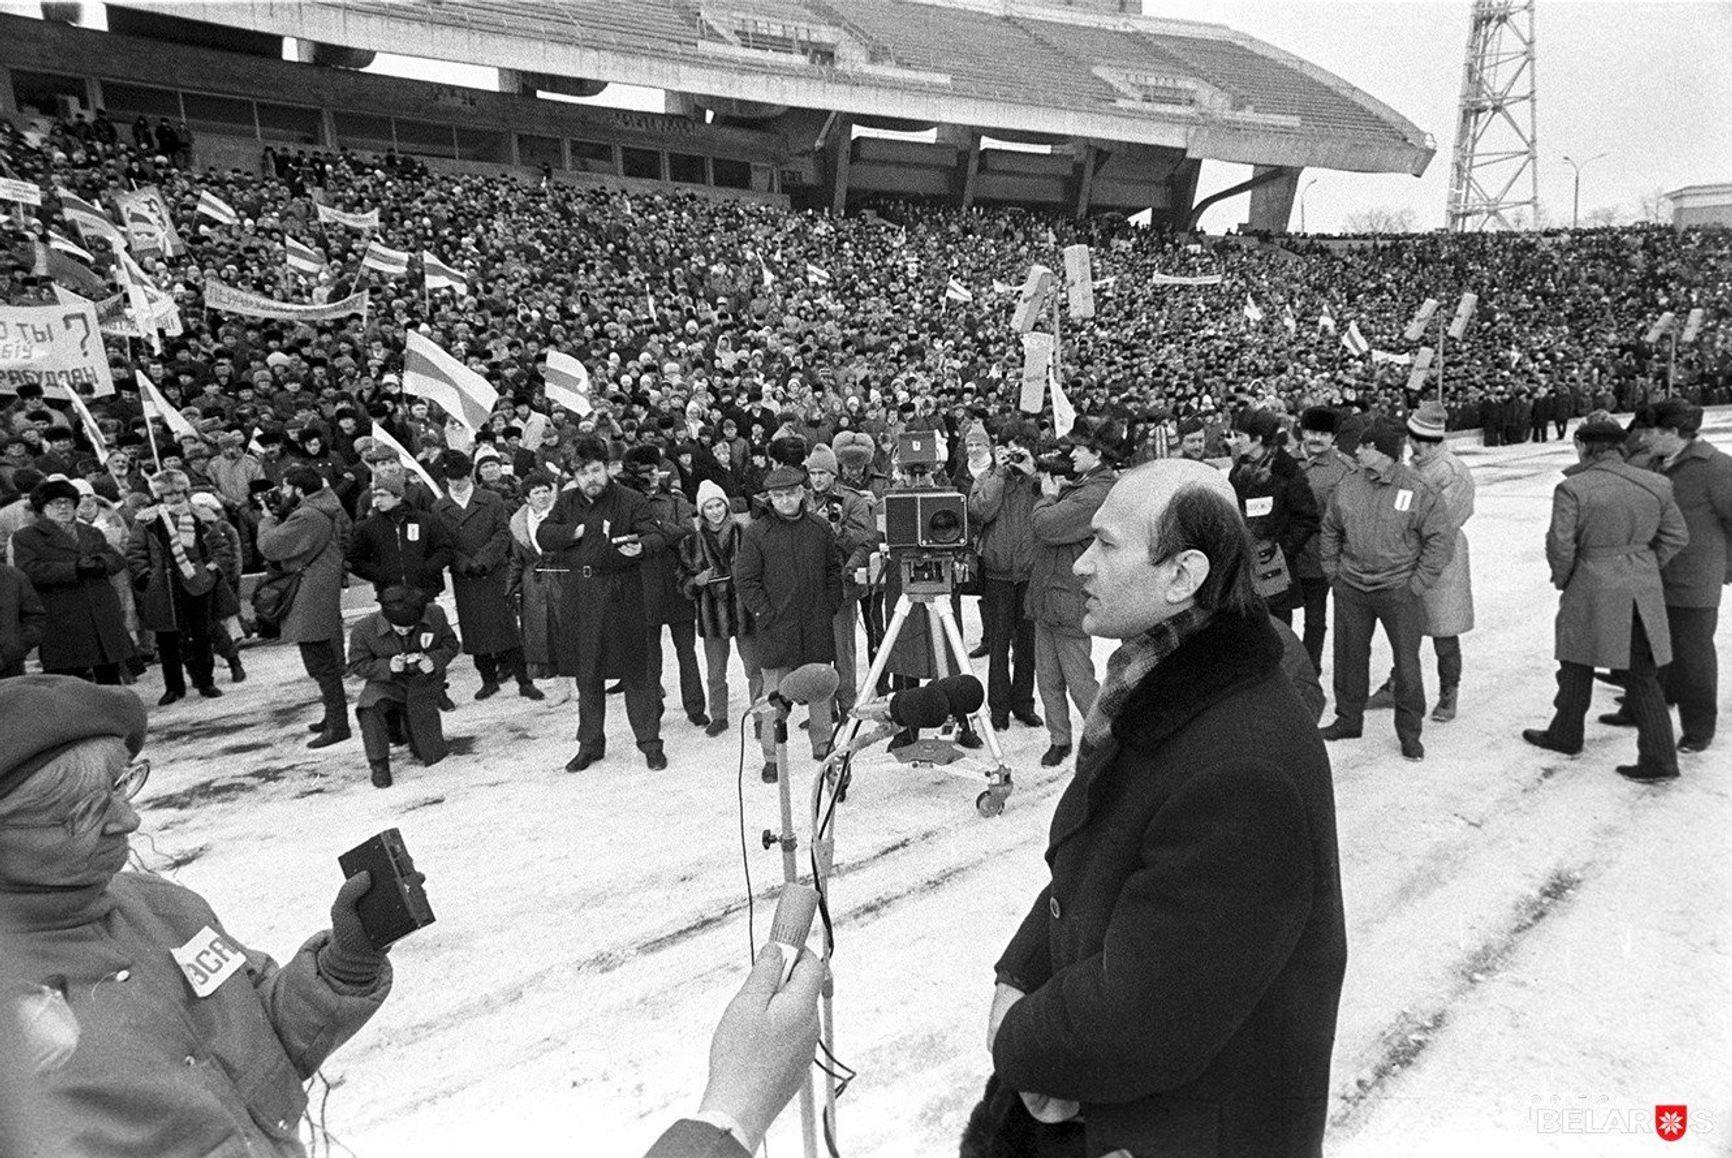 """В 1989 году митинг на стадионе """"Динамо"""" стал первой современной массовой демонстрацией белорусской национальной символики – бело-красно-белых флагов и герба «Пагоня»."""